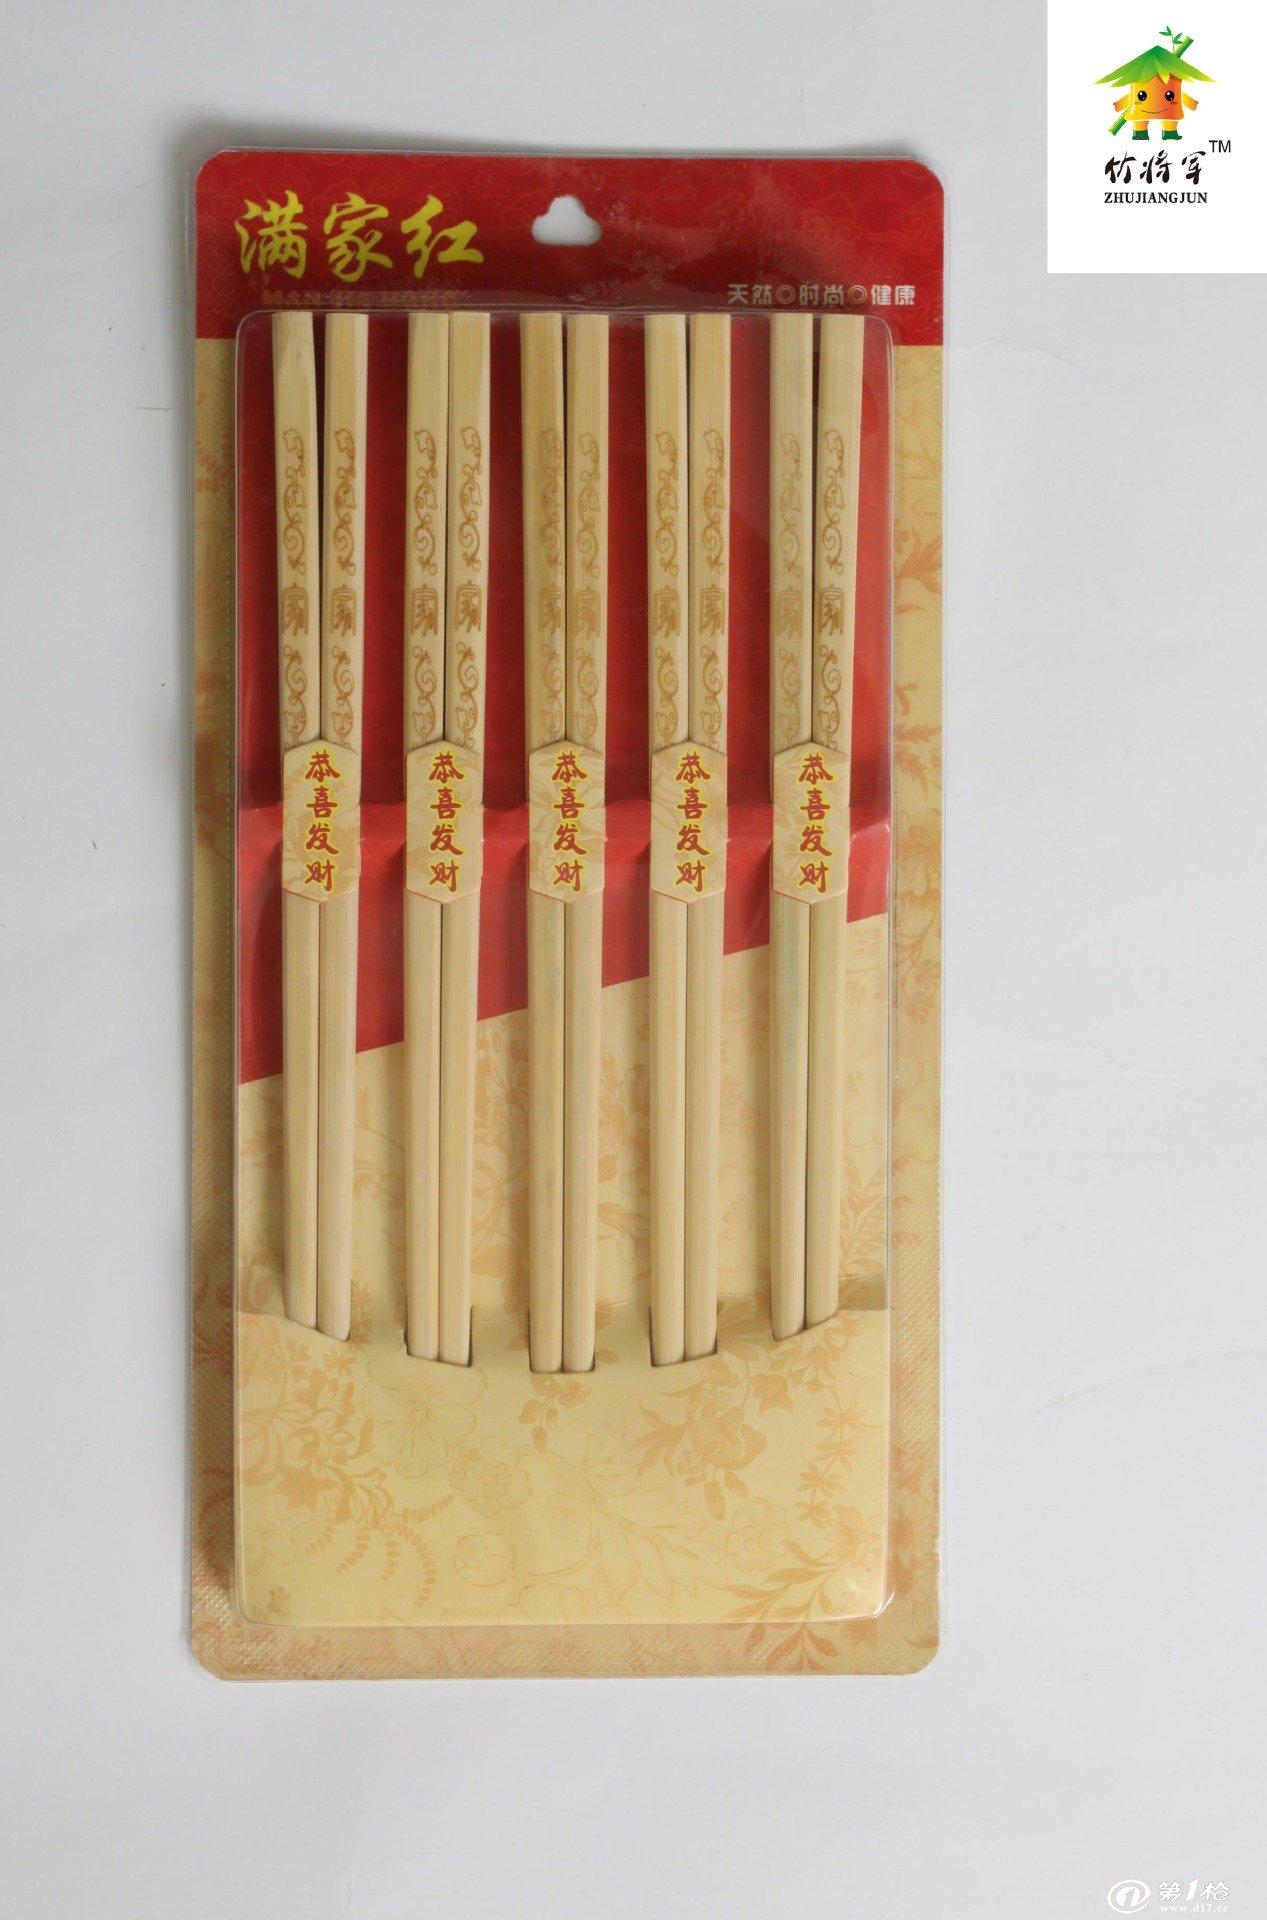 批发阿里山筷榉木工艺筷竹木筷子激光雕刻筷印花筷